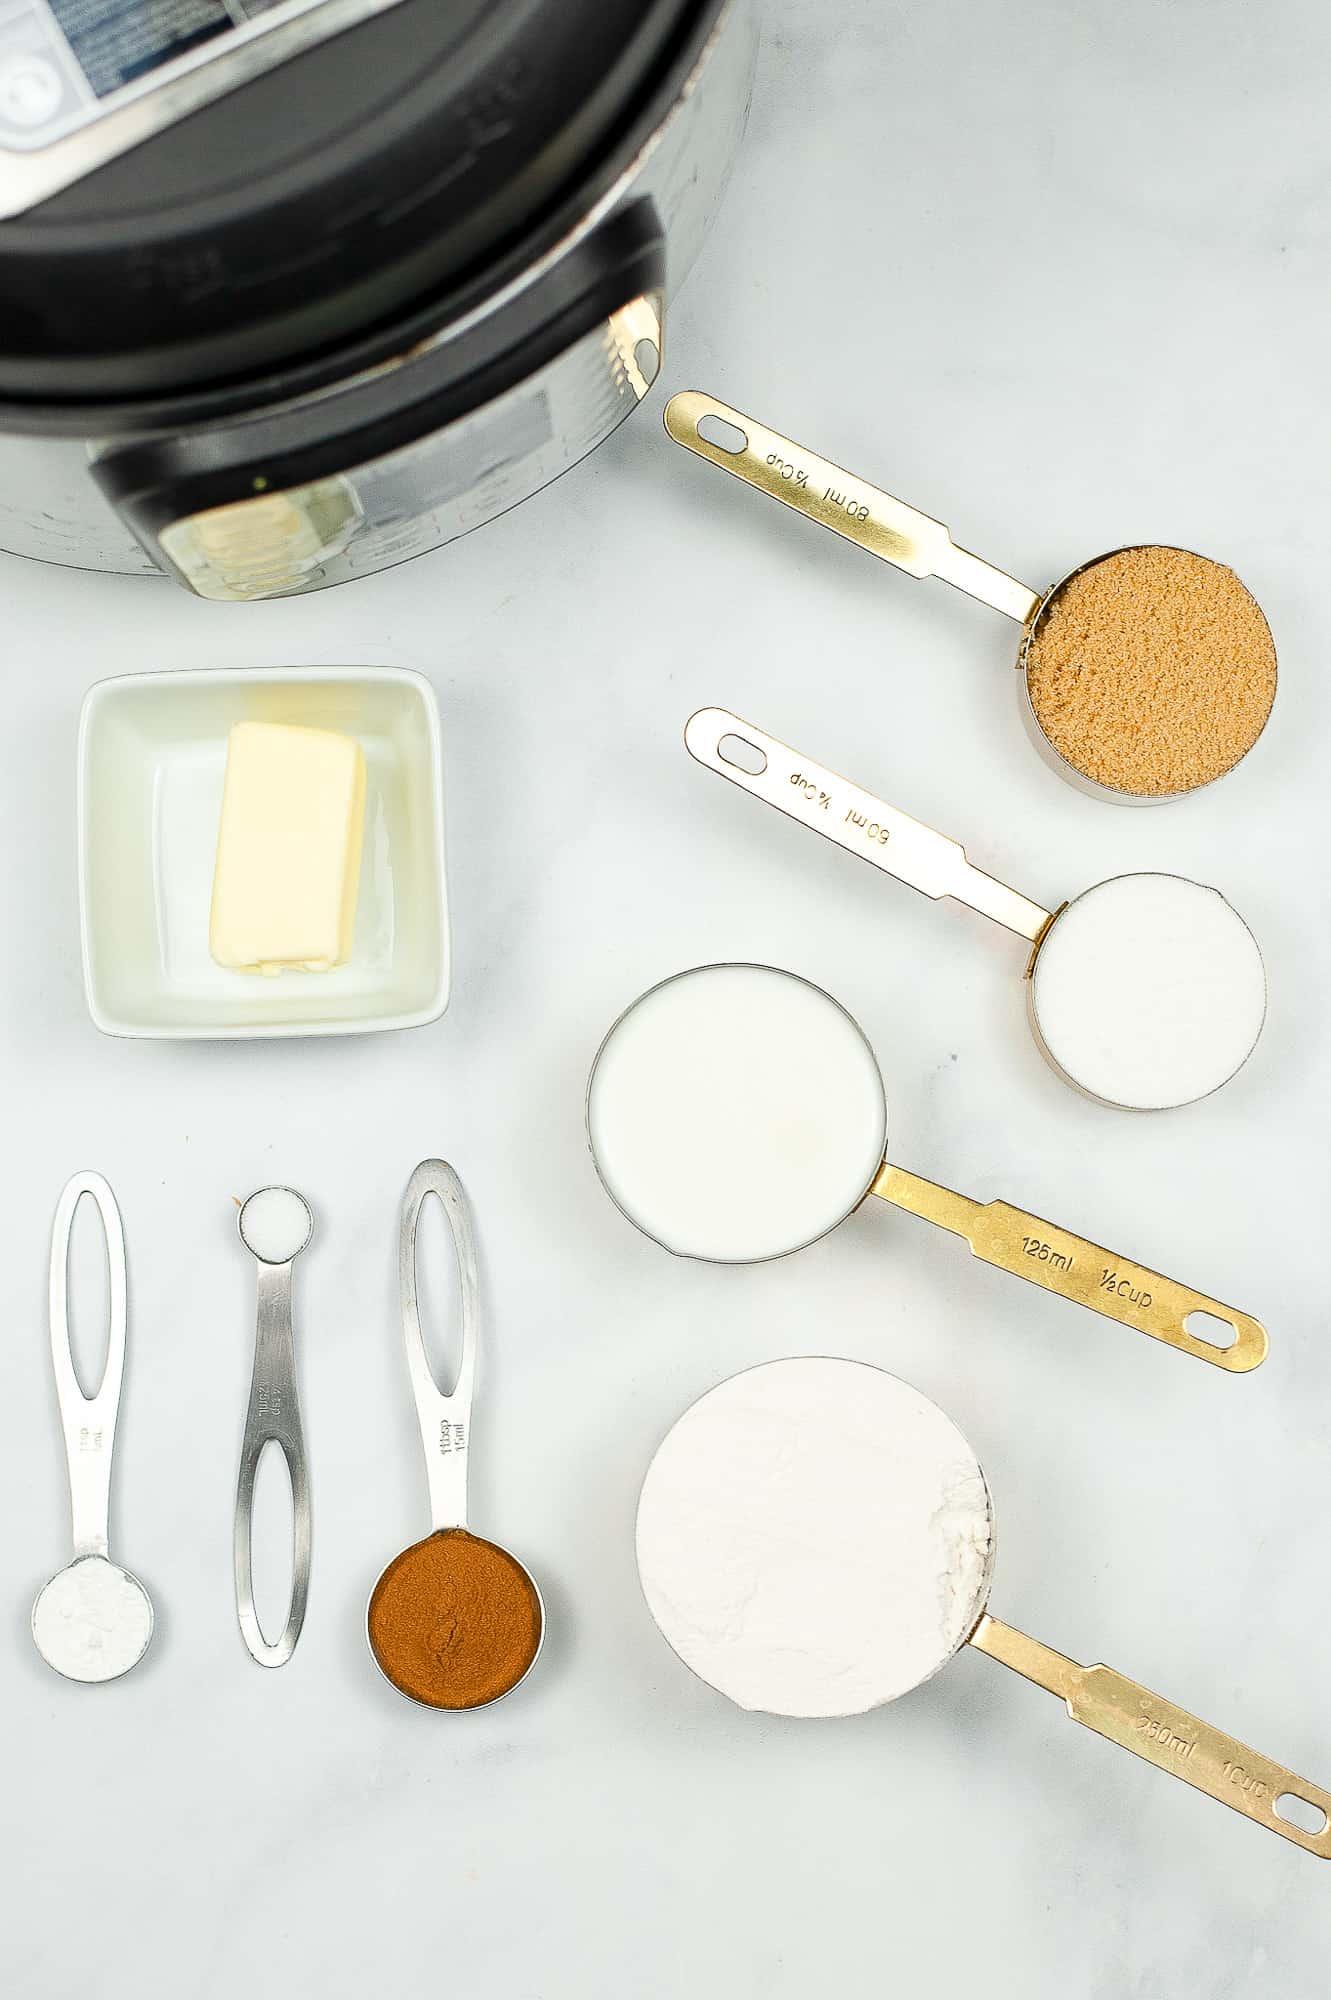 churros ingredients in measuring spoons